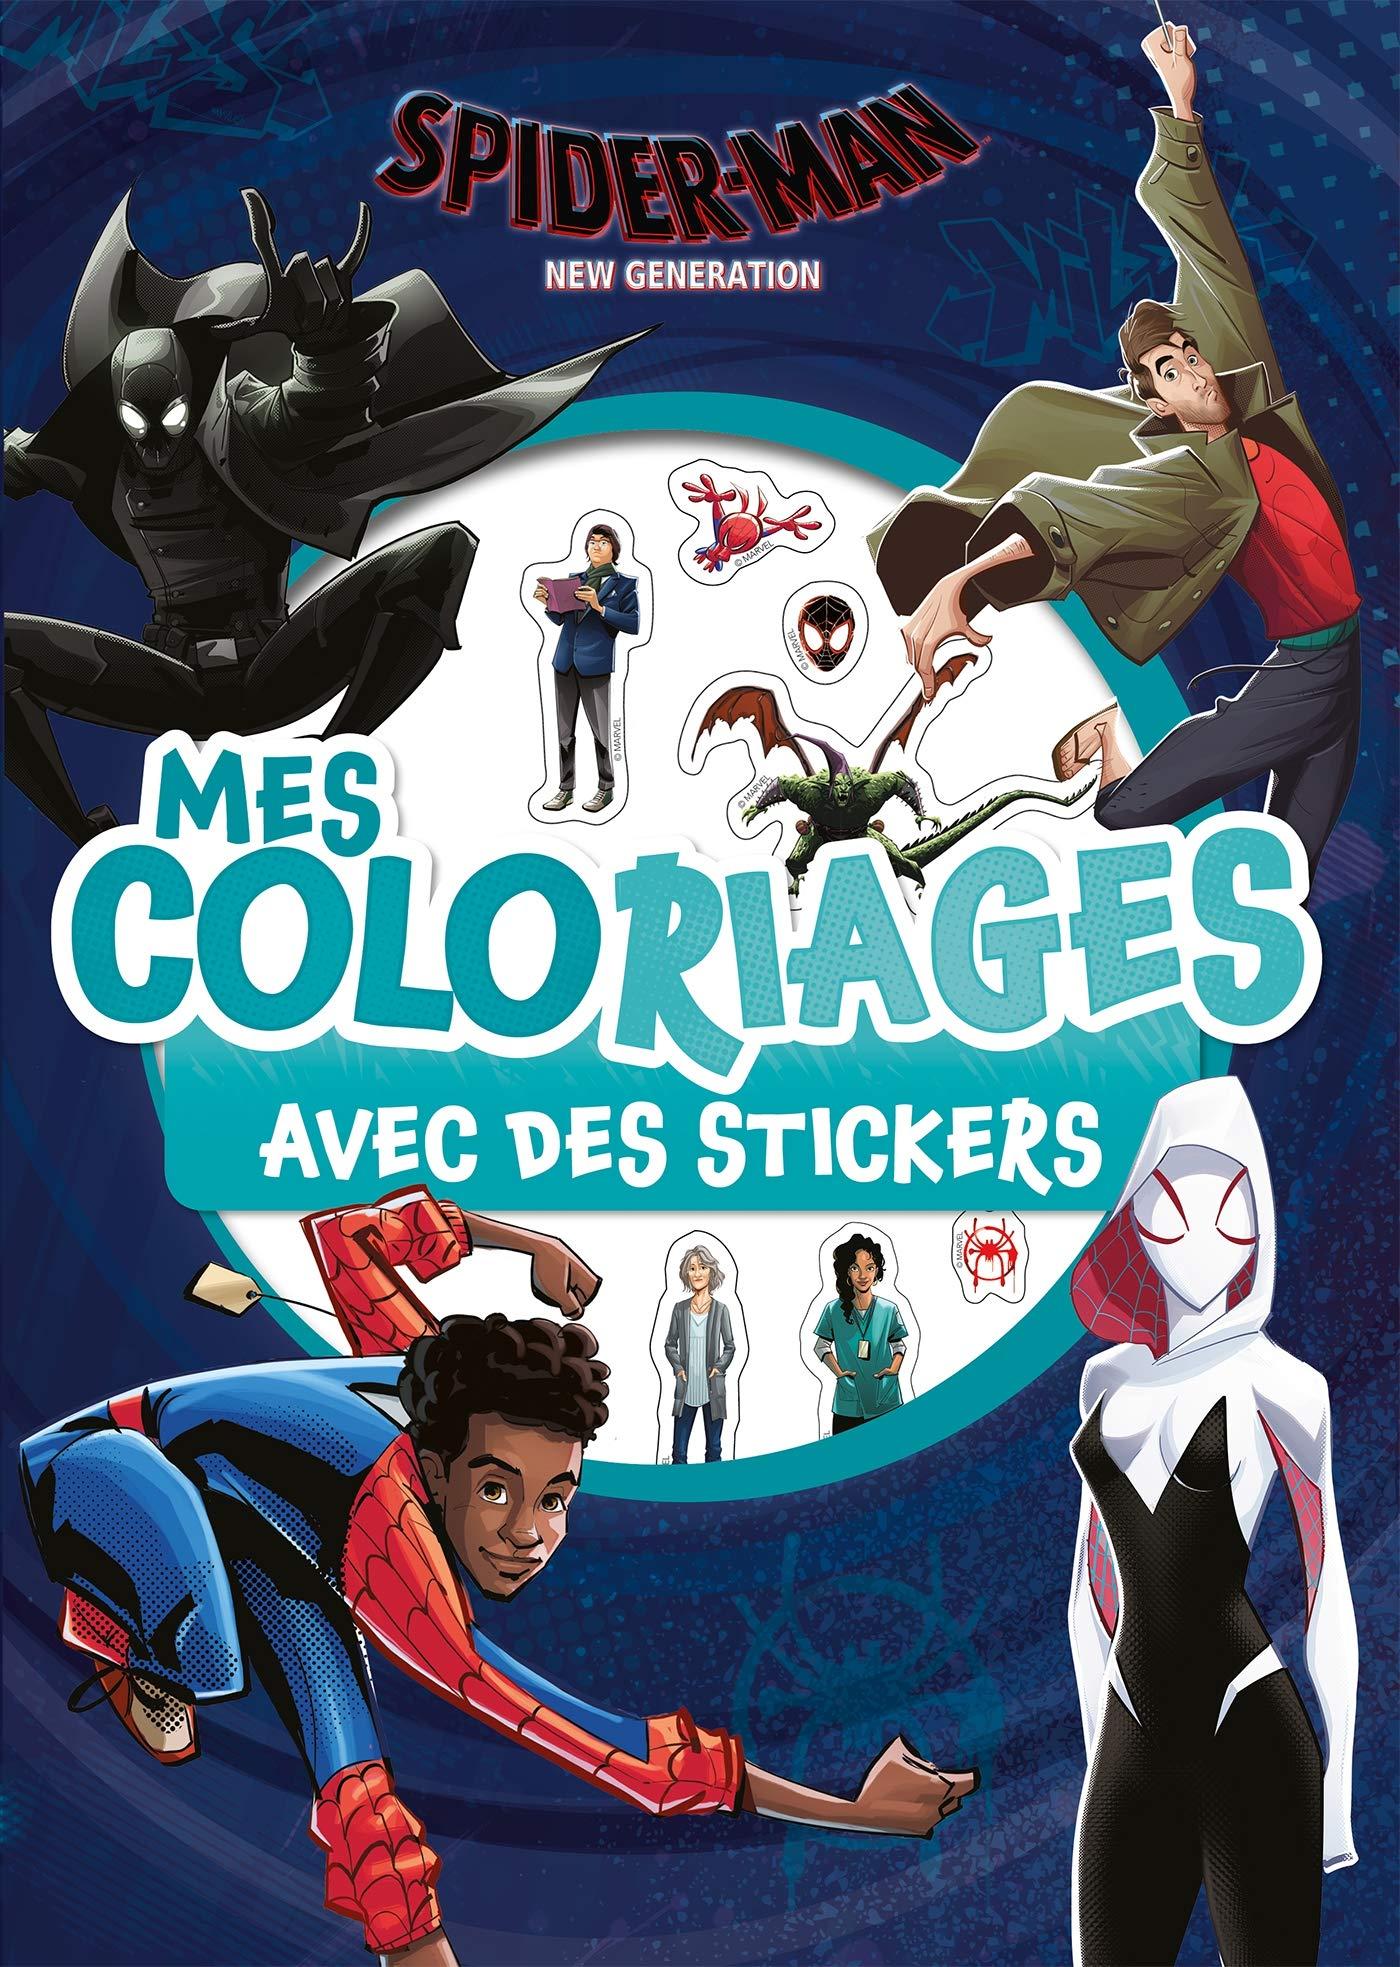 Spider Man New Generation Mes Coloriages Avec Stickers Marvel Amazon Fr Hachette Jeunesse Livres